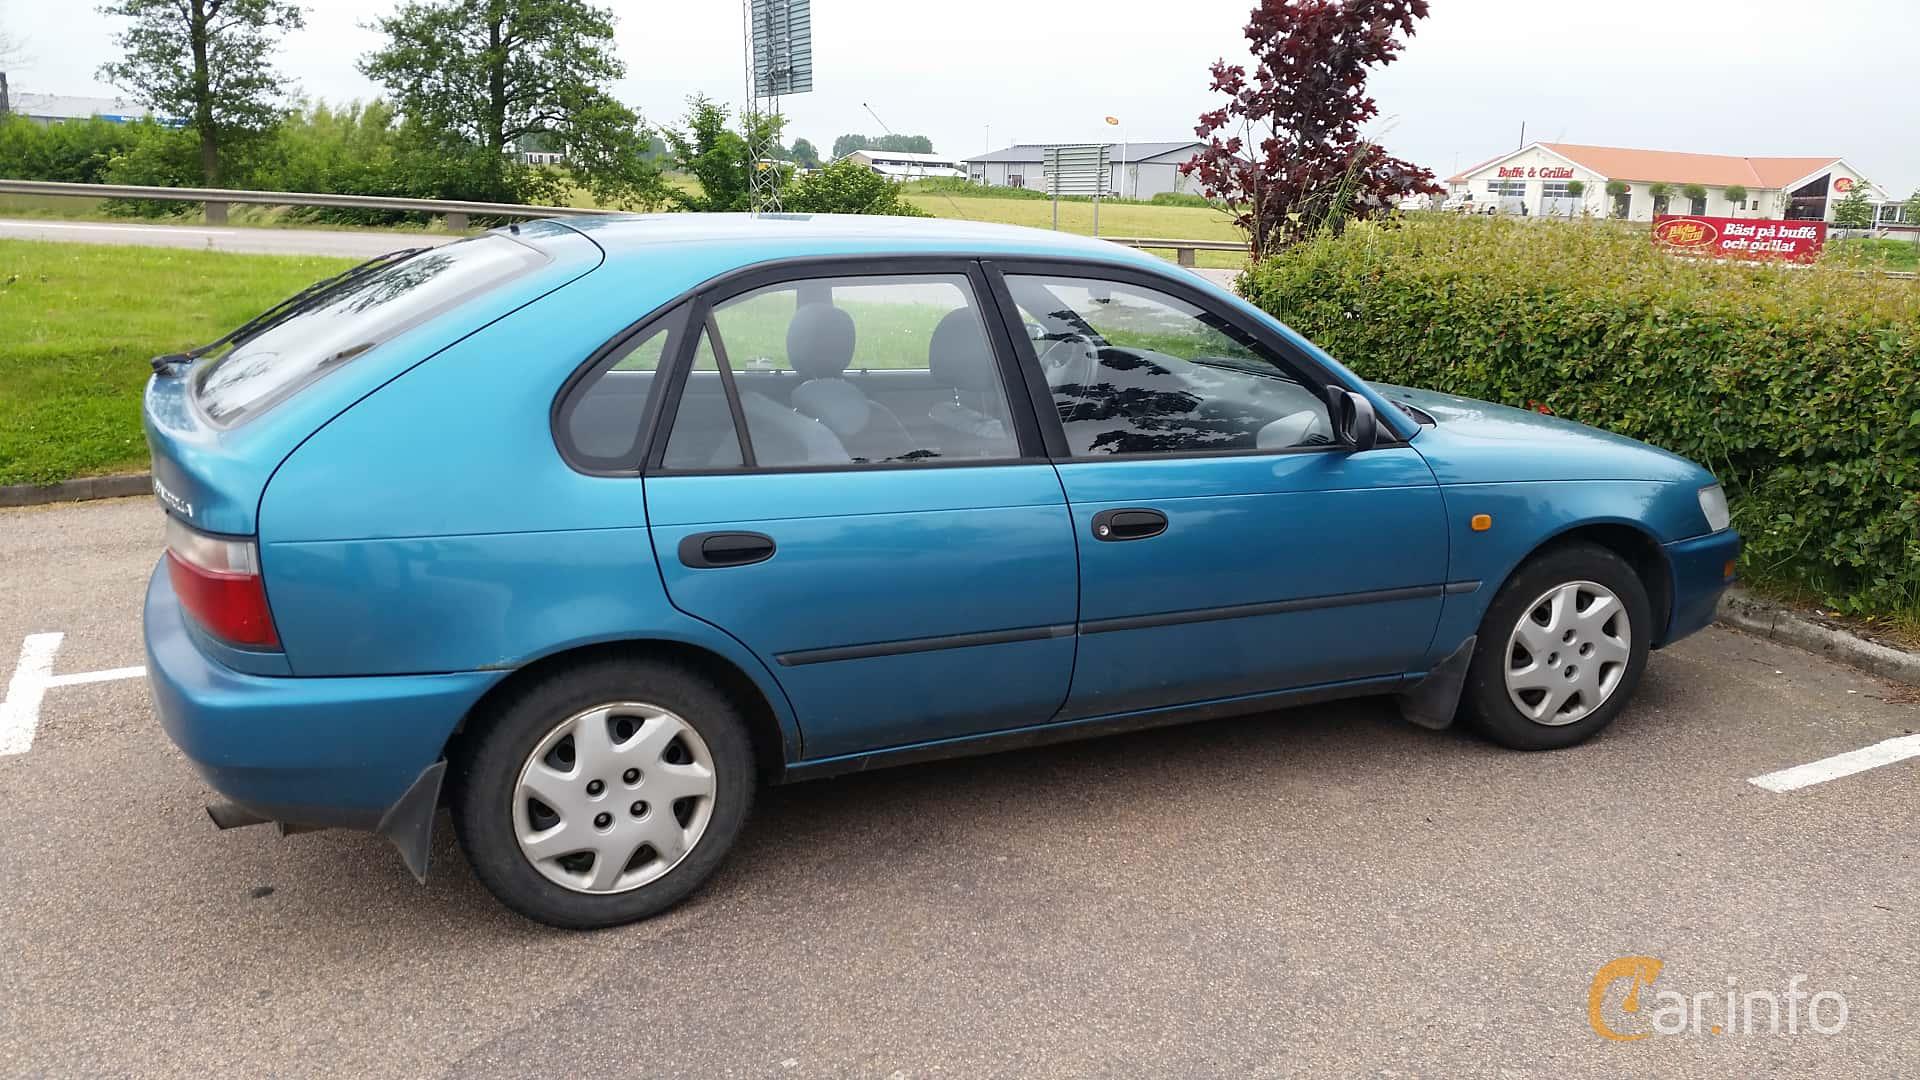 Kelebihan Kekurangan Toyota Corolla 1996 Perbandingan Harga